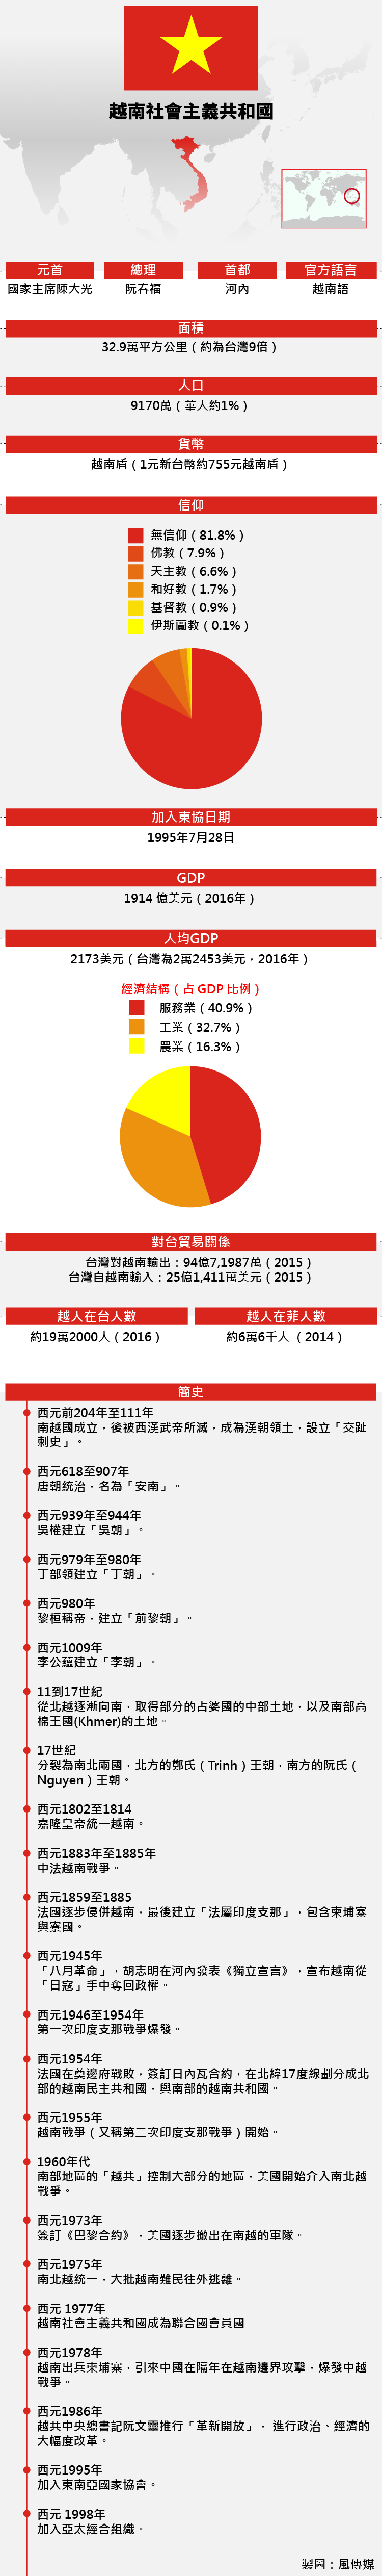 東協成員:越南基本資料(風傳媒)